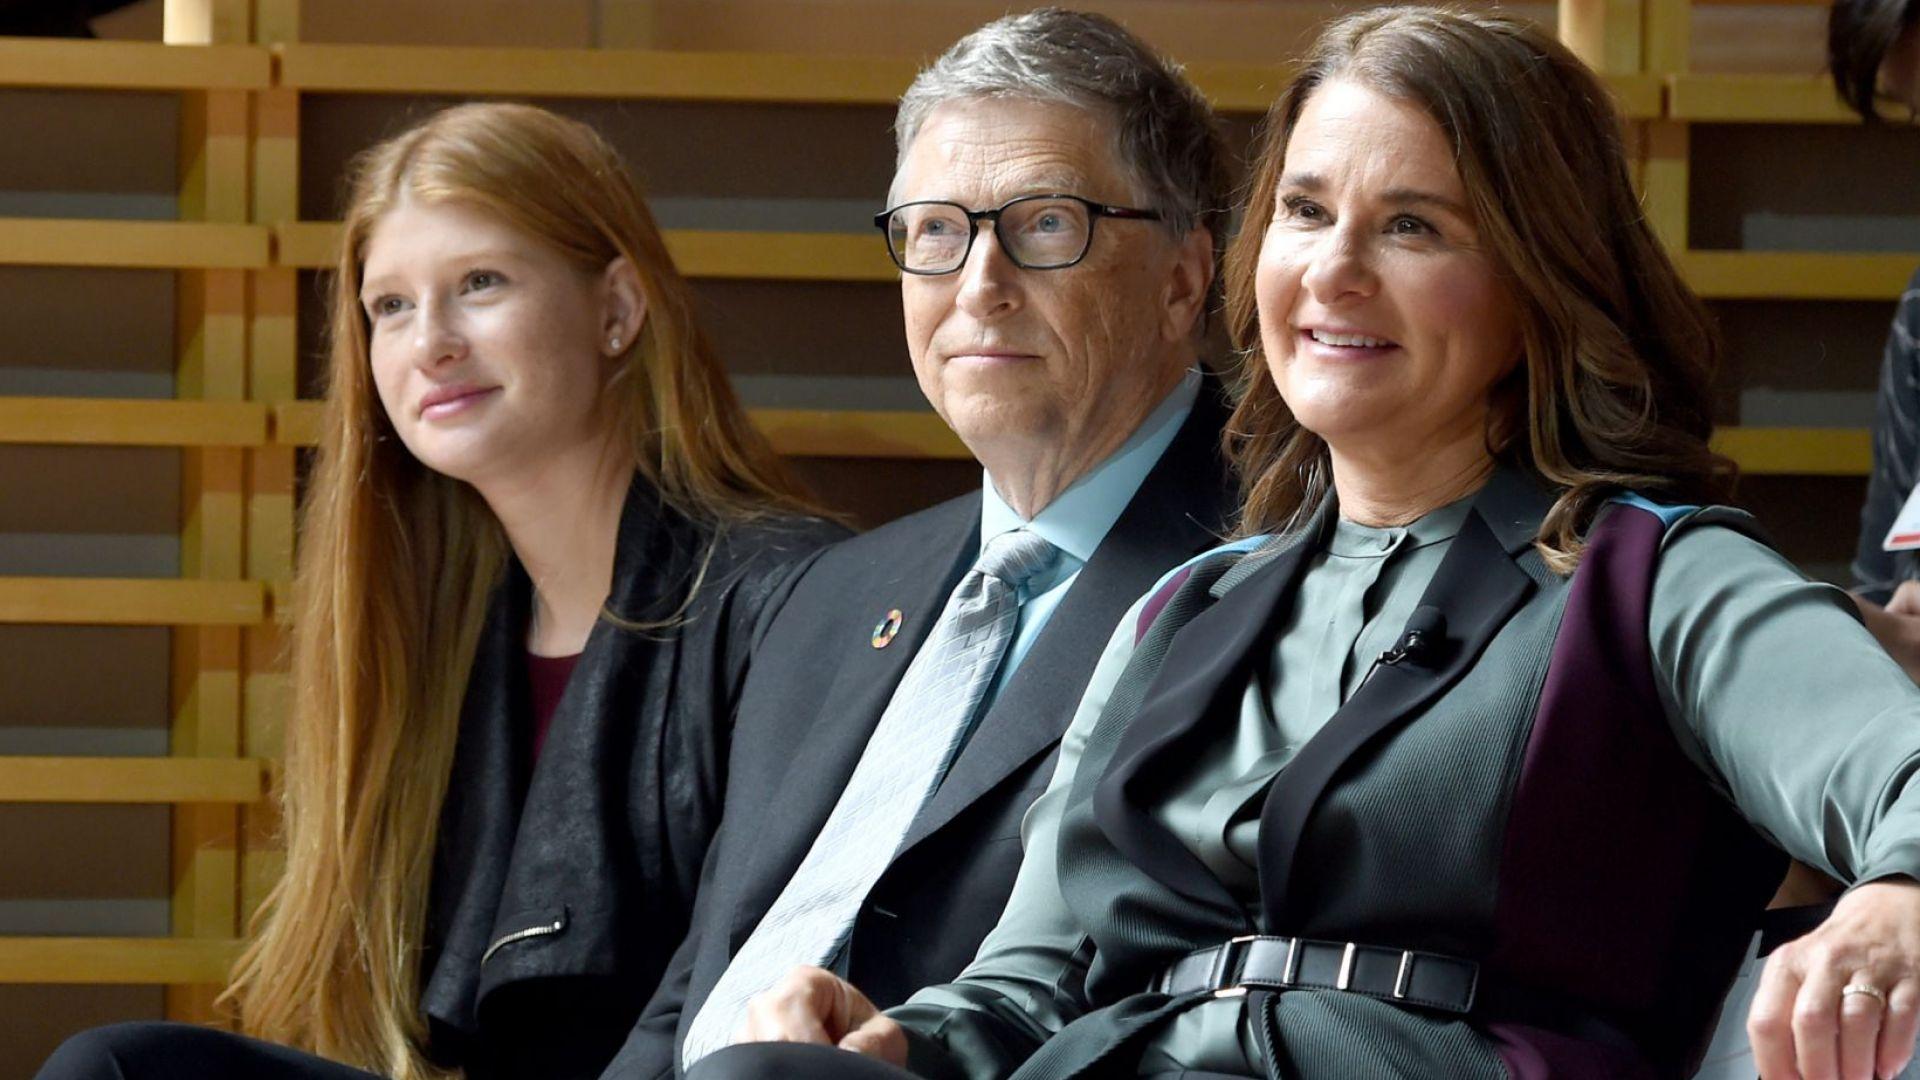 След обявения развод: Как ще разделят огромното си богатство Бил и Мелинда Гейтс